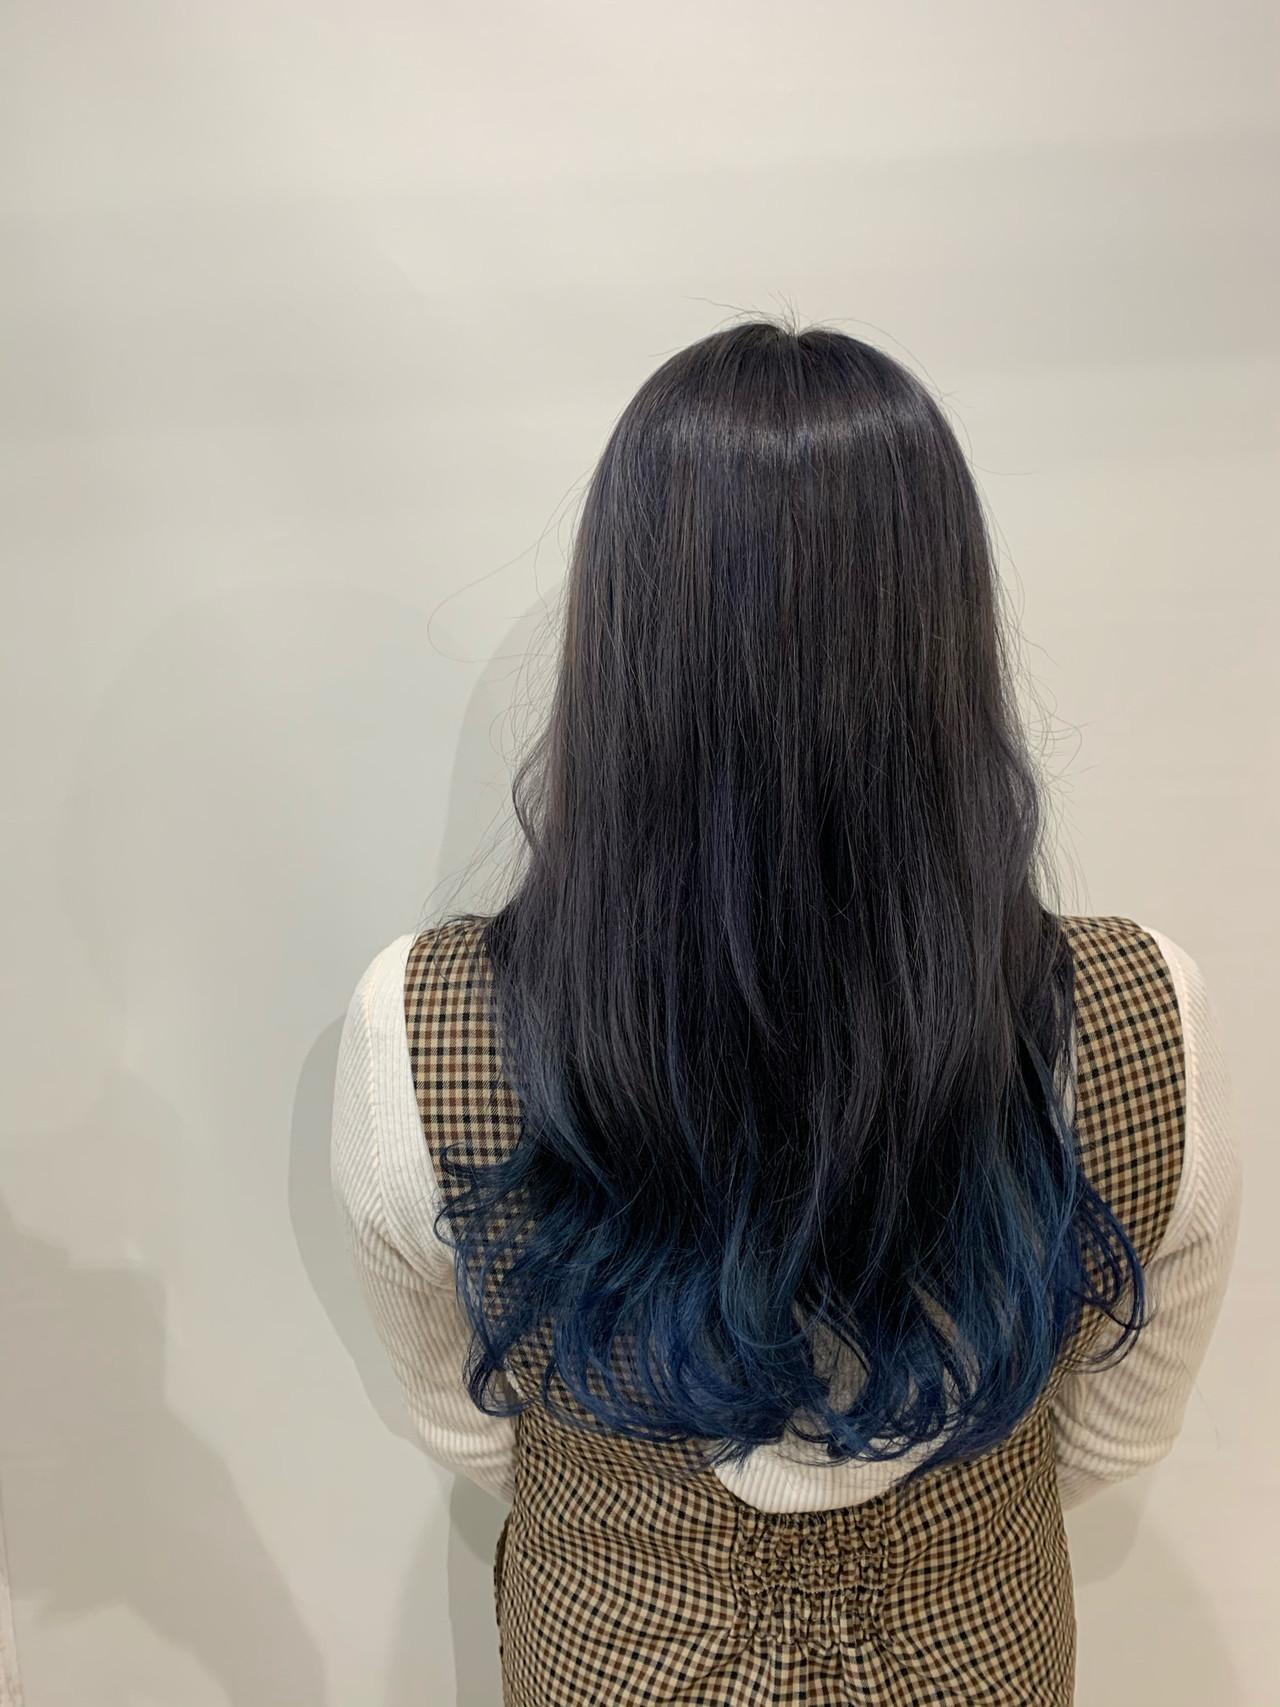 ロング ブルーグラデーション 裾カラー ストリート ヘアスタイルや髪型の写真・画像